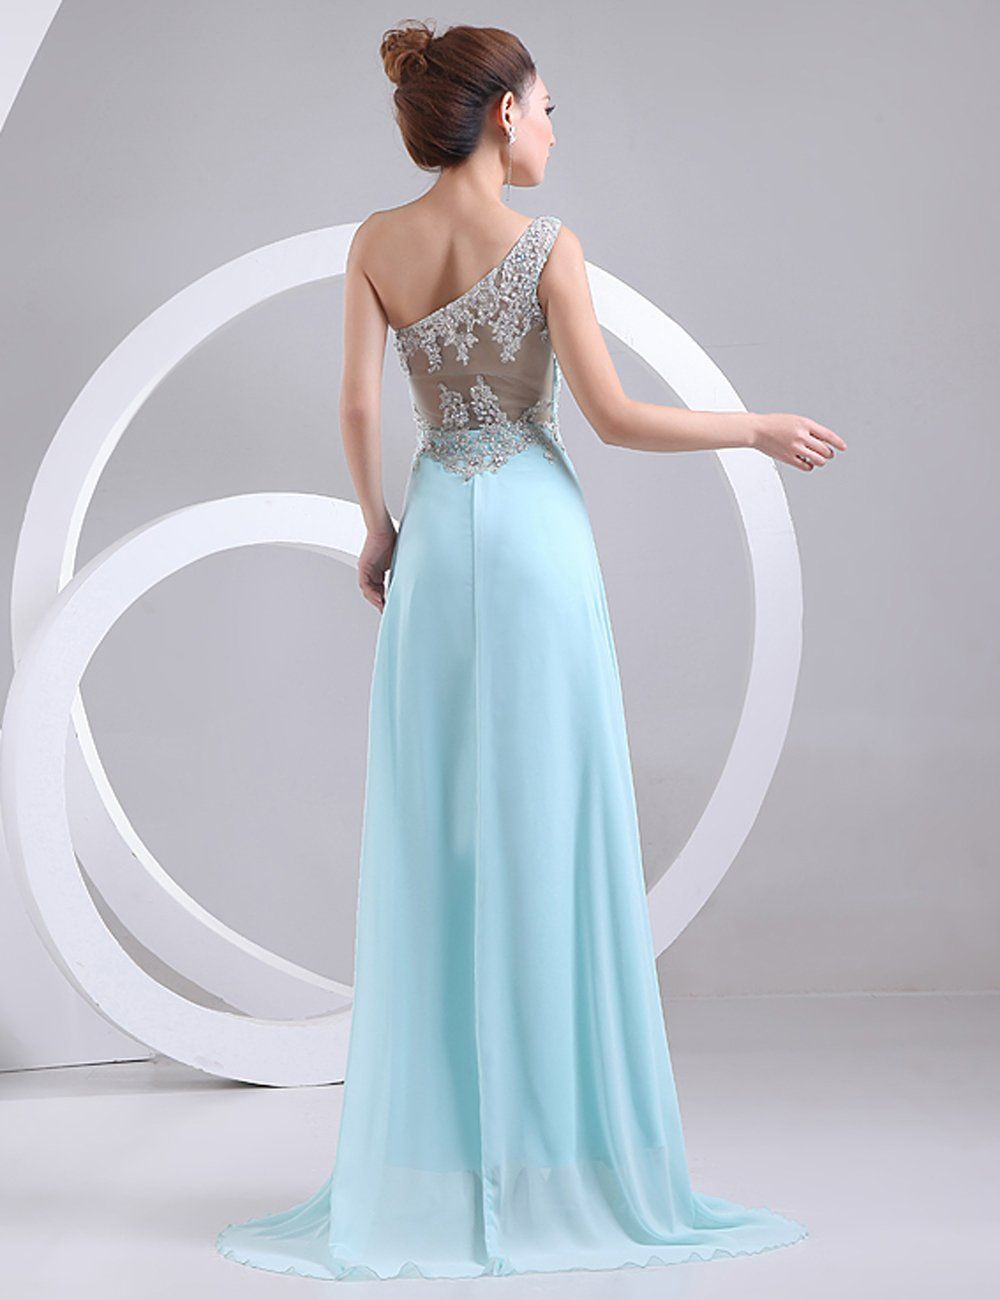 20 Luxurius D Abendkleid StylishFormal Erstaunlich D Abendkleid Galerie